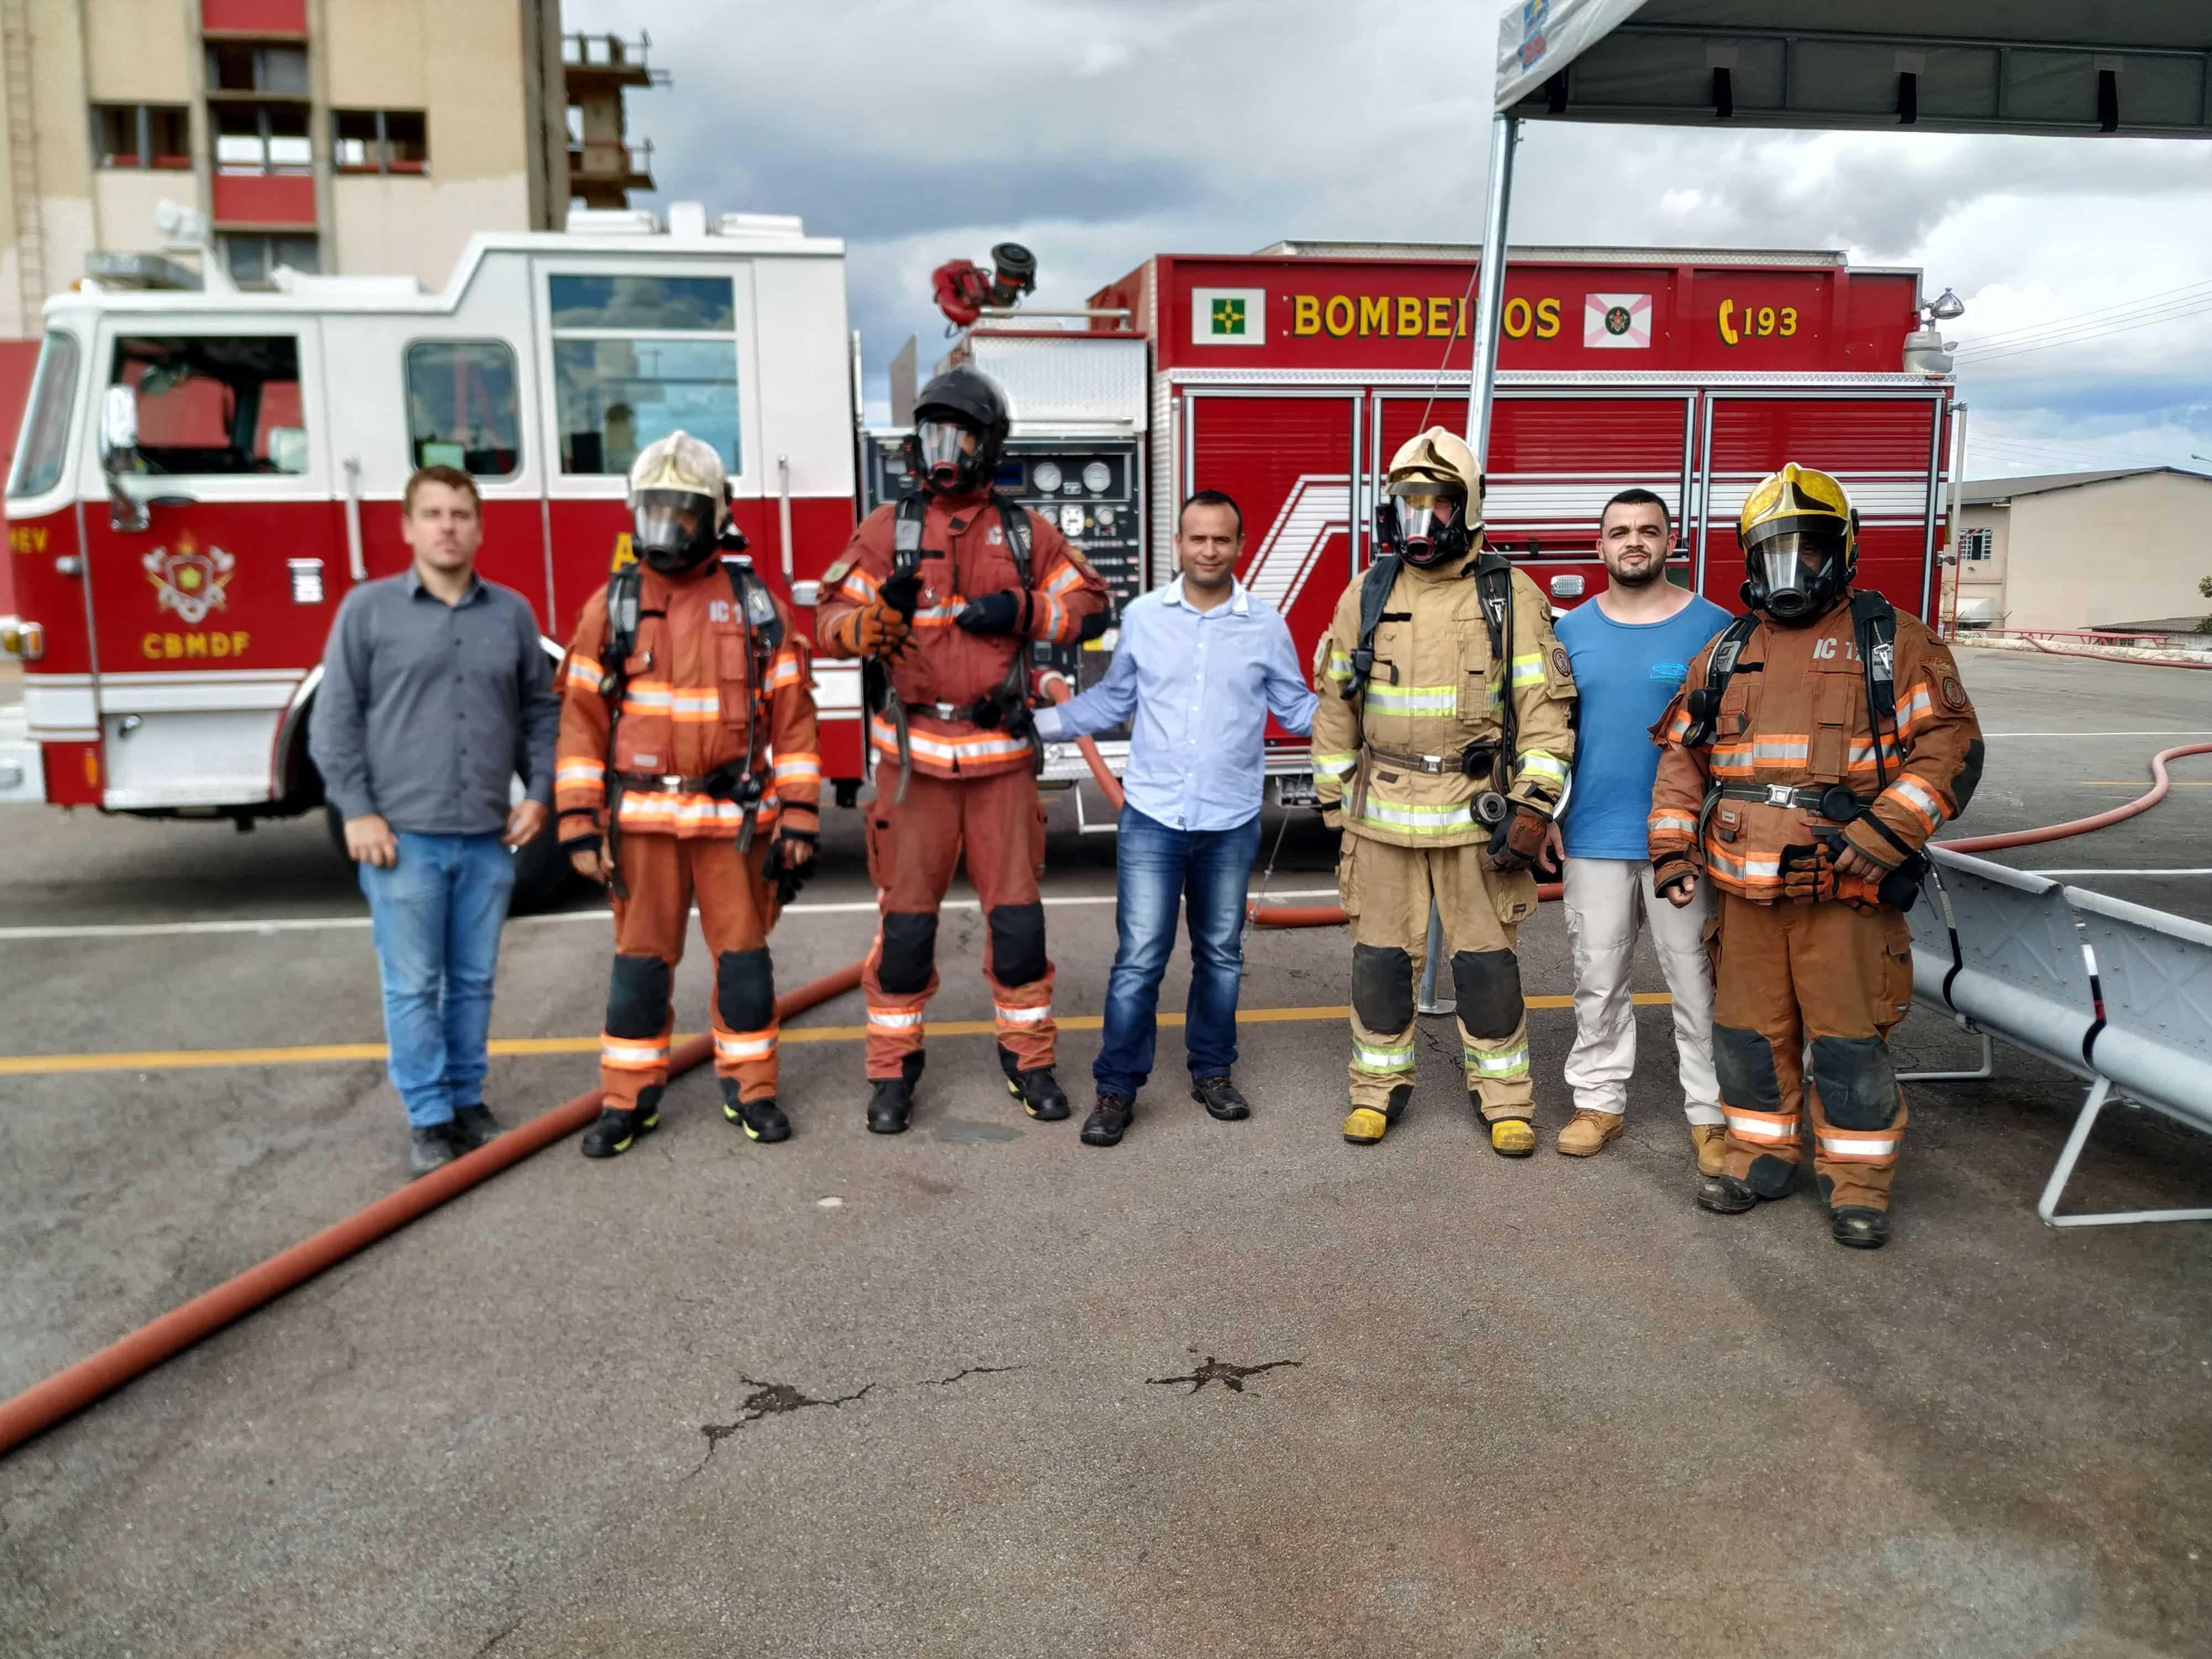 Ambiental Tecnol inaugura novo simulador de incêndio para o Corpo de Bombeiros (4)